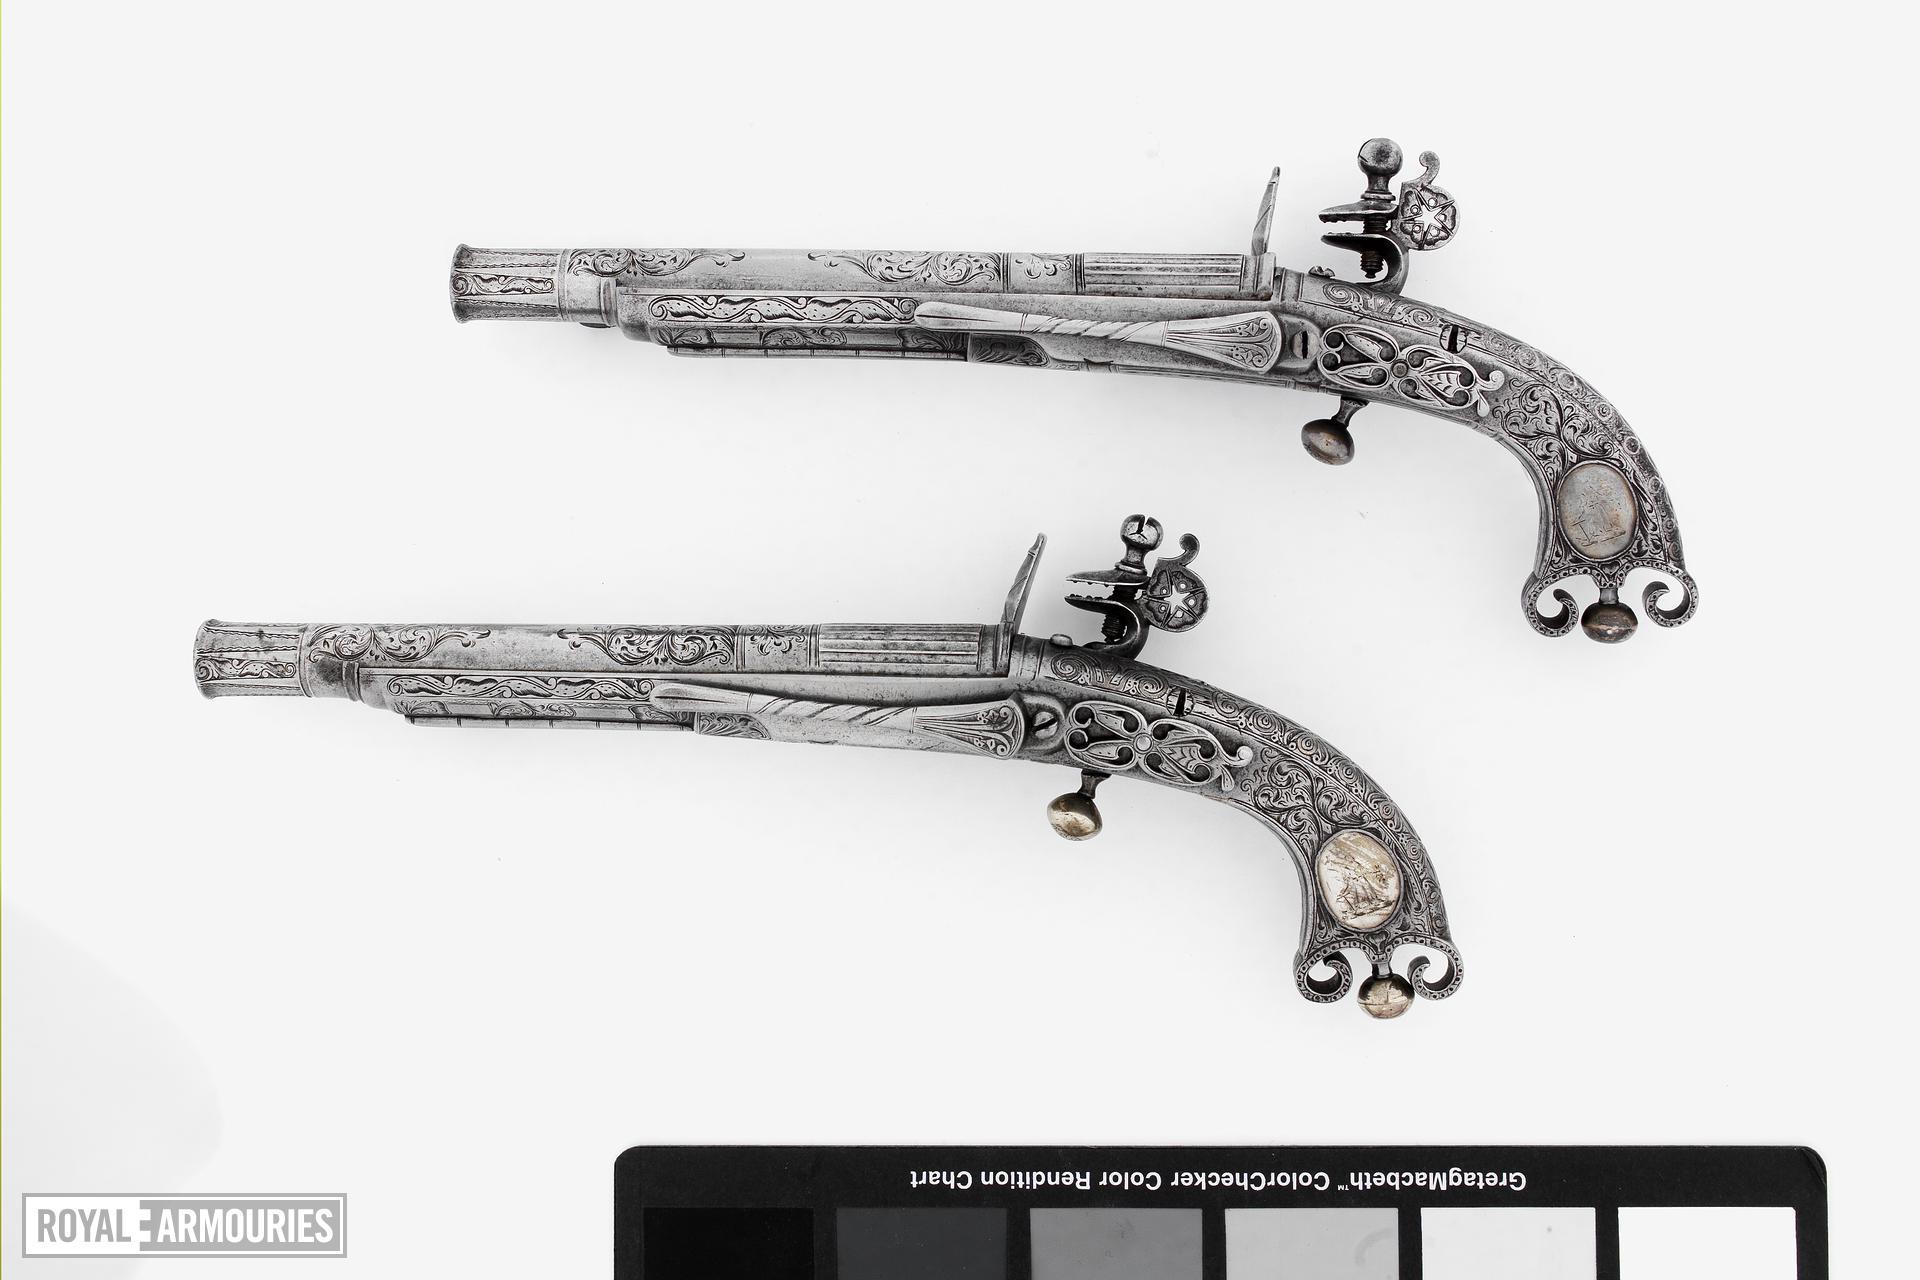 Flintlock pistol By J. Murdoch One of a pair; with XII.1673